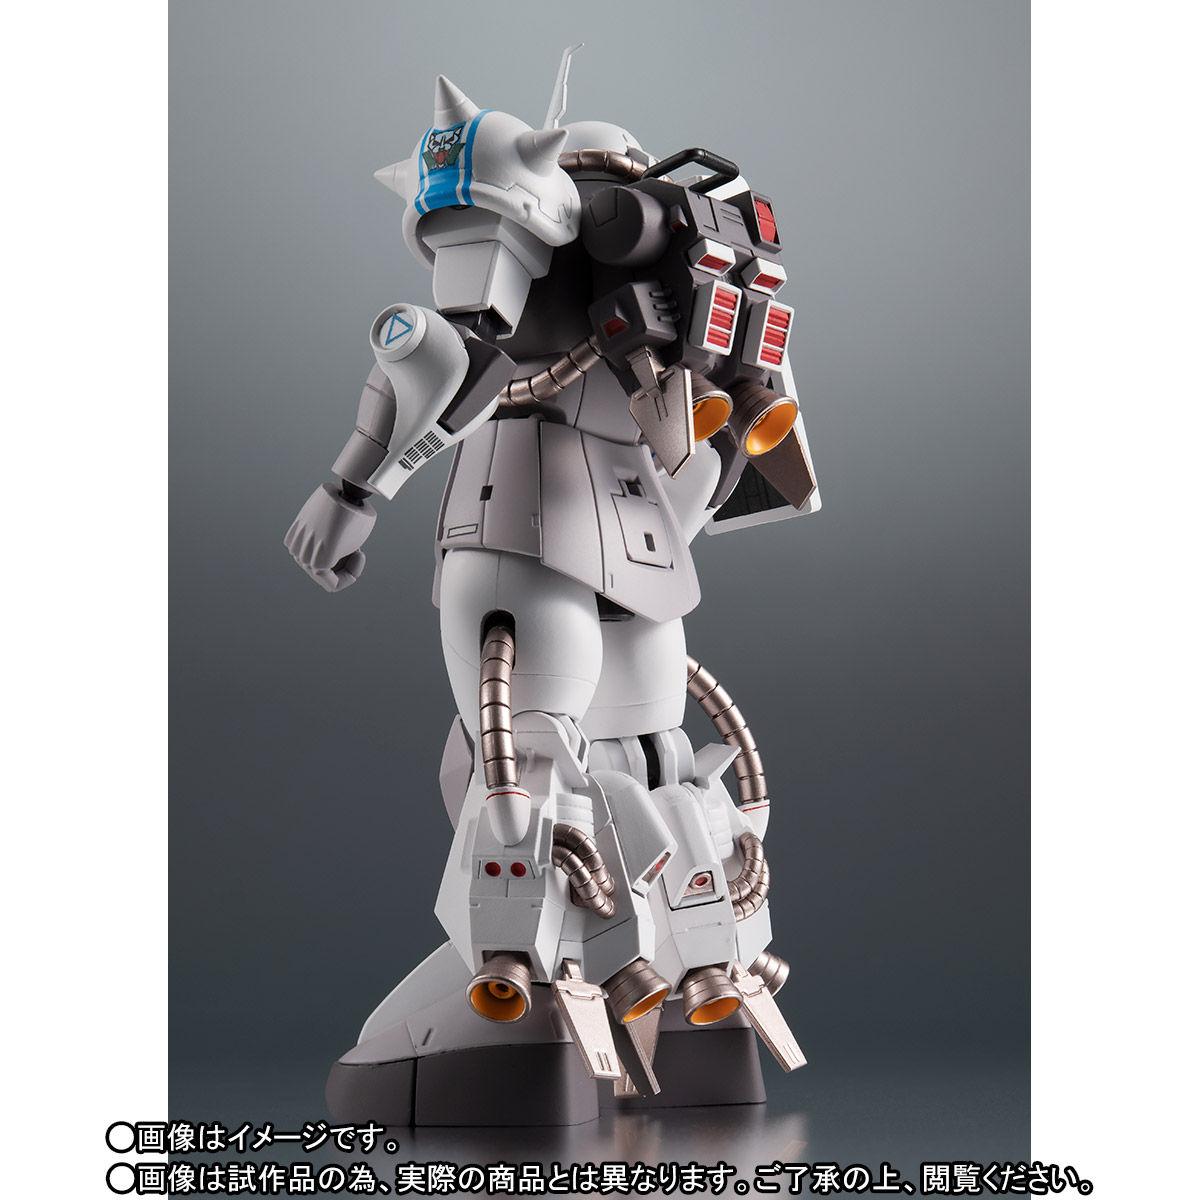 【限定販売】ROBOT魂〈SIDE MS〉『MS-06R-1A シン・マツナガ専用高機動型ザクII ver. A.N.I.M.E.』ダンダムMSV 可動フィギュア-004